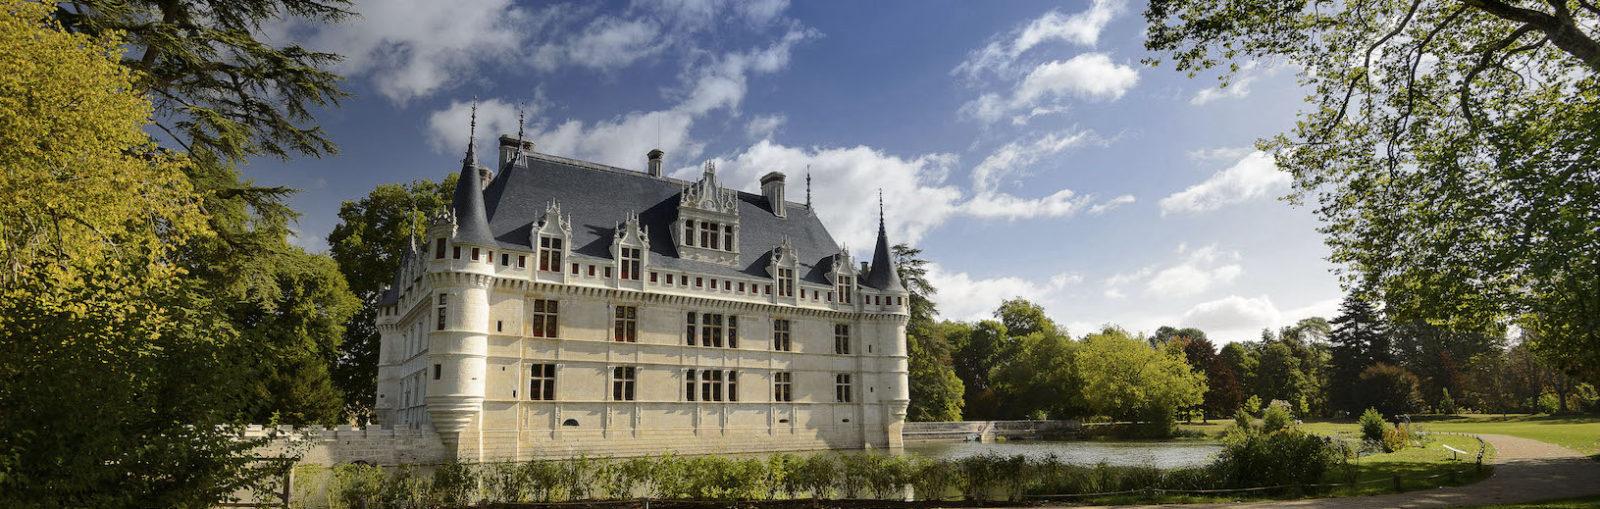 Château d'Azay-le-Rideau, façade sud vue depuis le parc